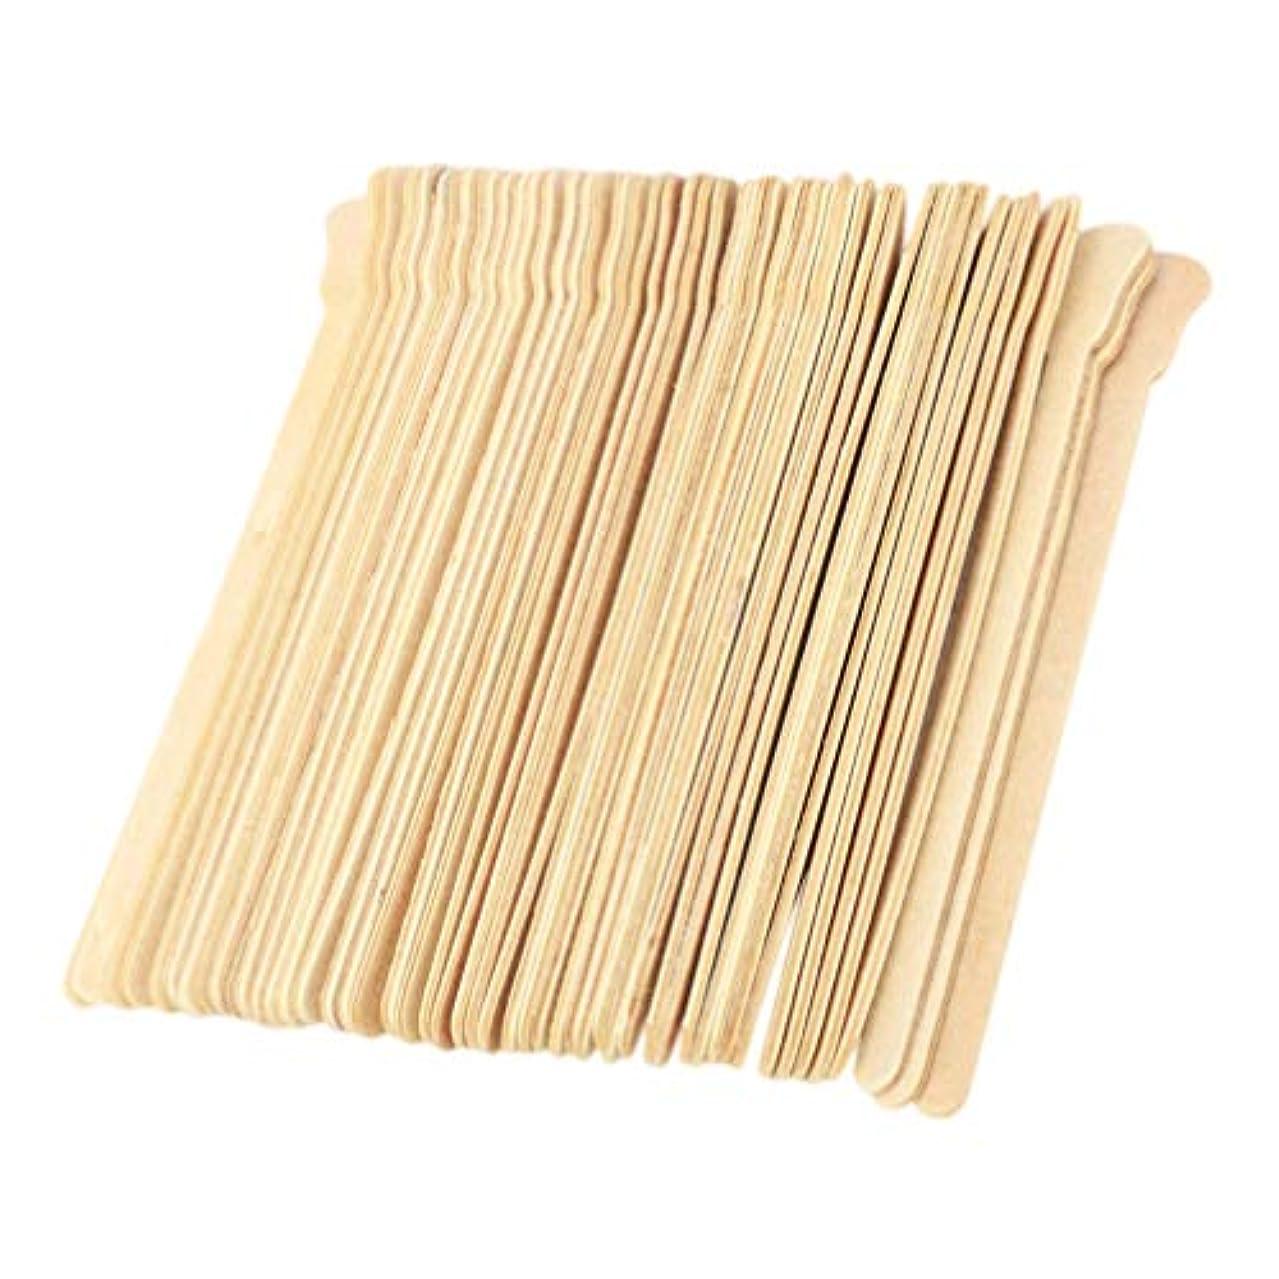 鮫リンケージ公STOBOK 100本ワックスは使い捨てワックスヘラに学生の女の子の女性のための木製ワックスアプリケータースティックスティック